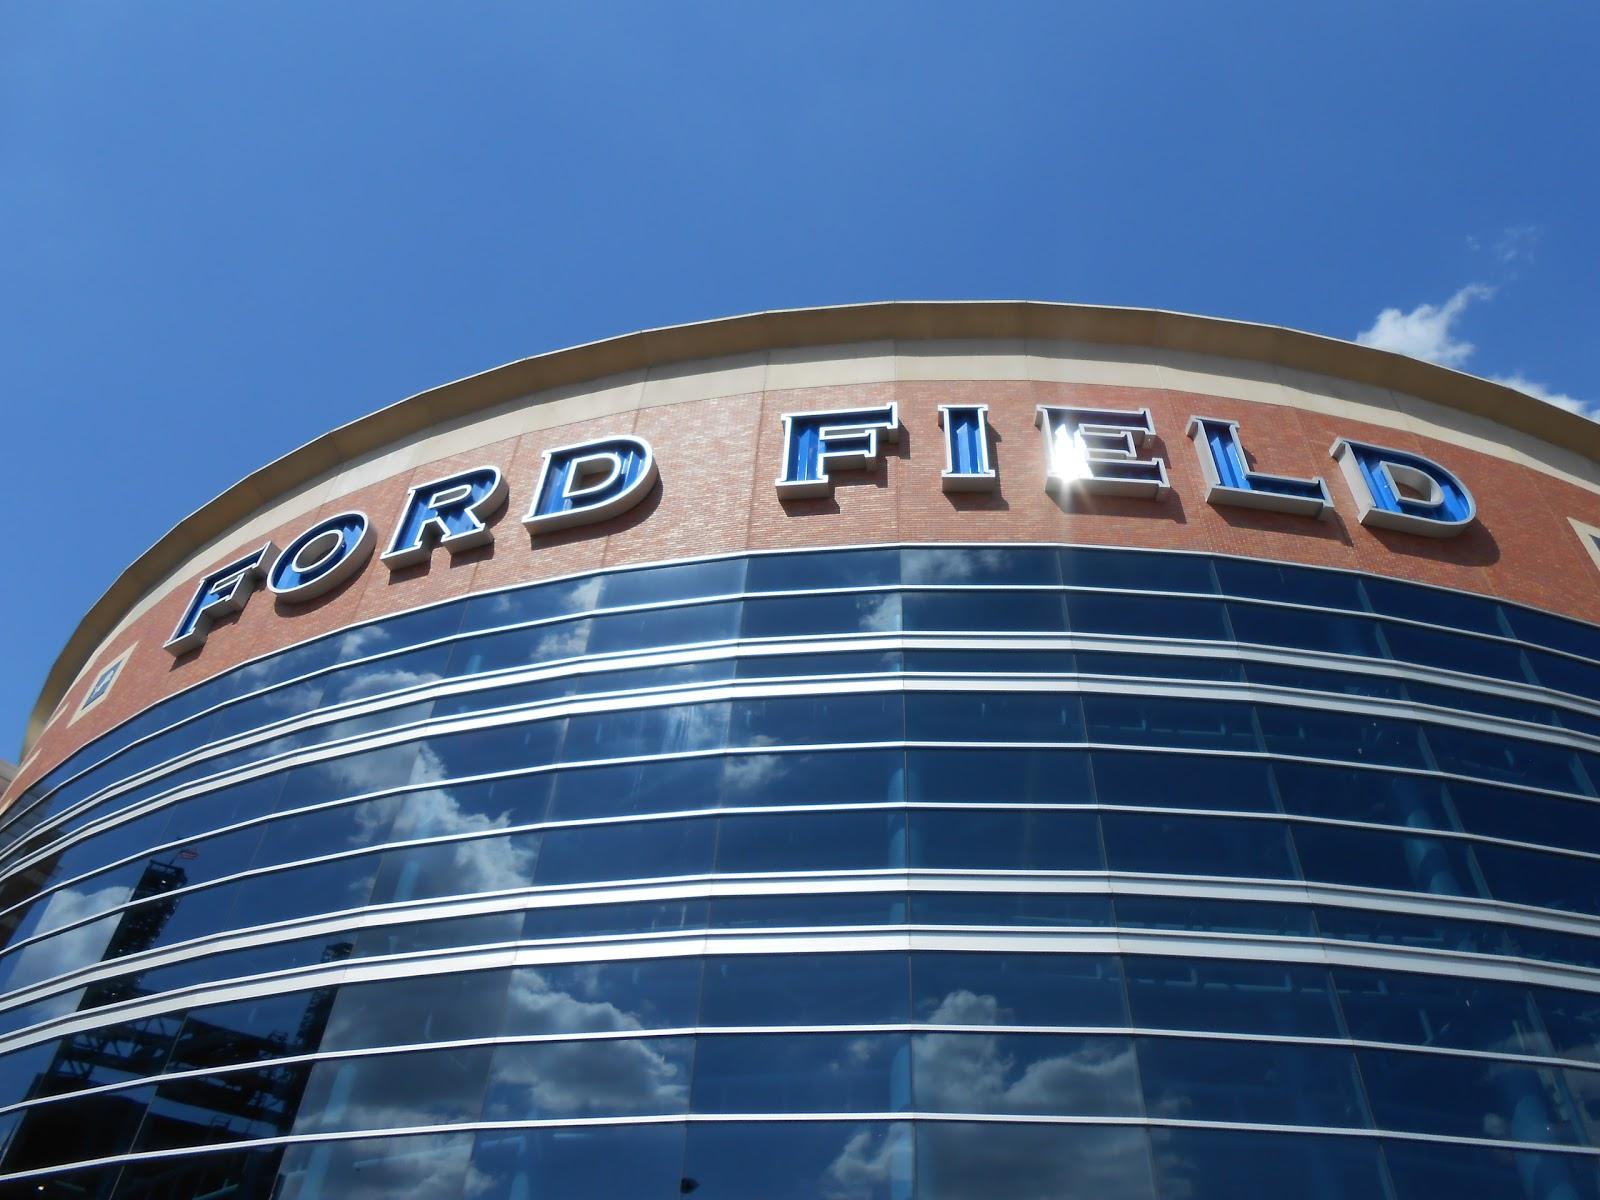 Jc Lewis Ford >> Detroit Lions 345 15: Detroit Lions autograph session at ...